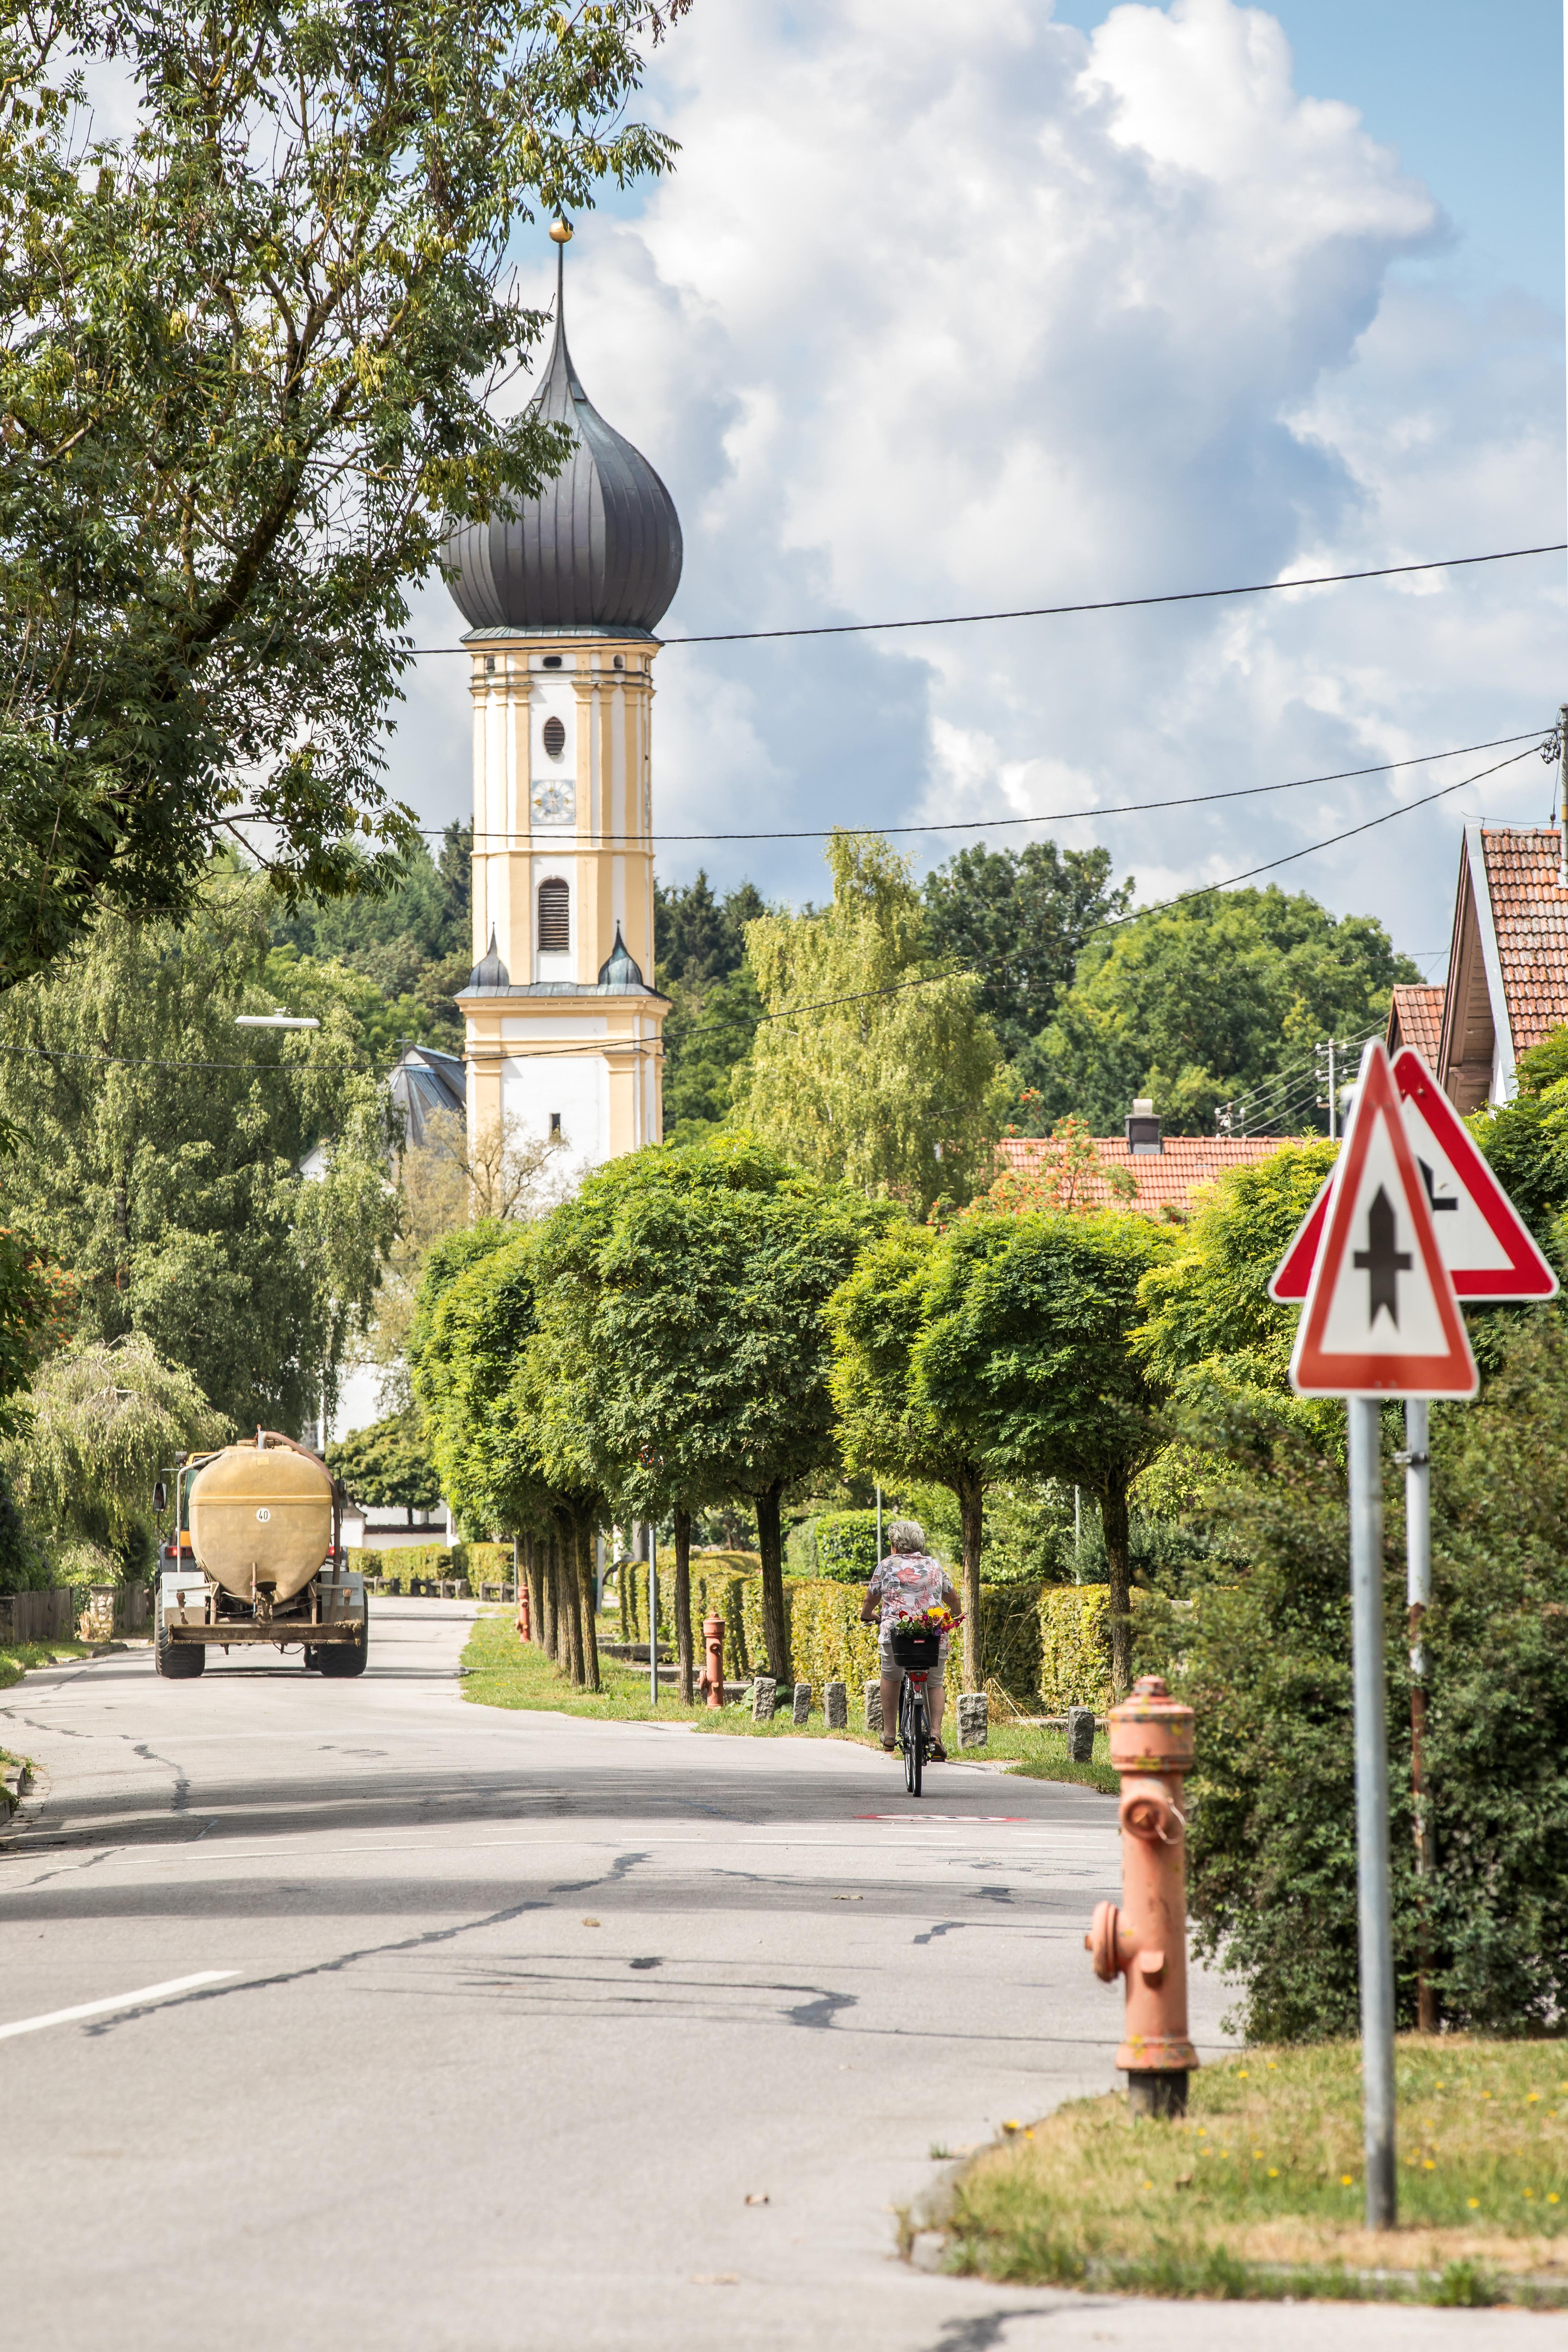 Erpfting Hauptstraße mit Blick zur Kirche